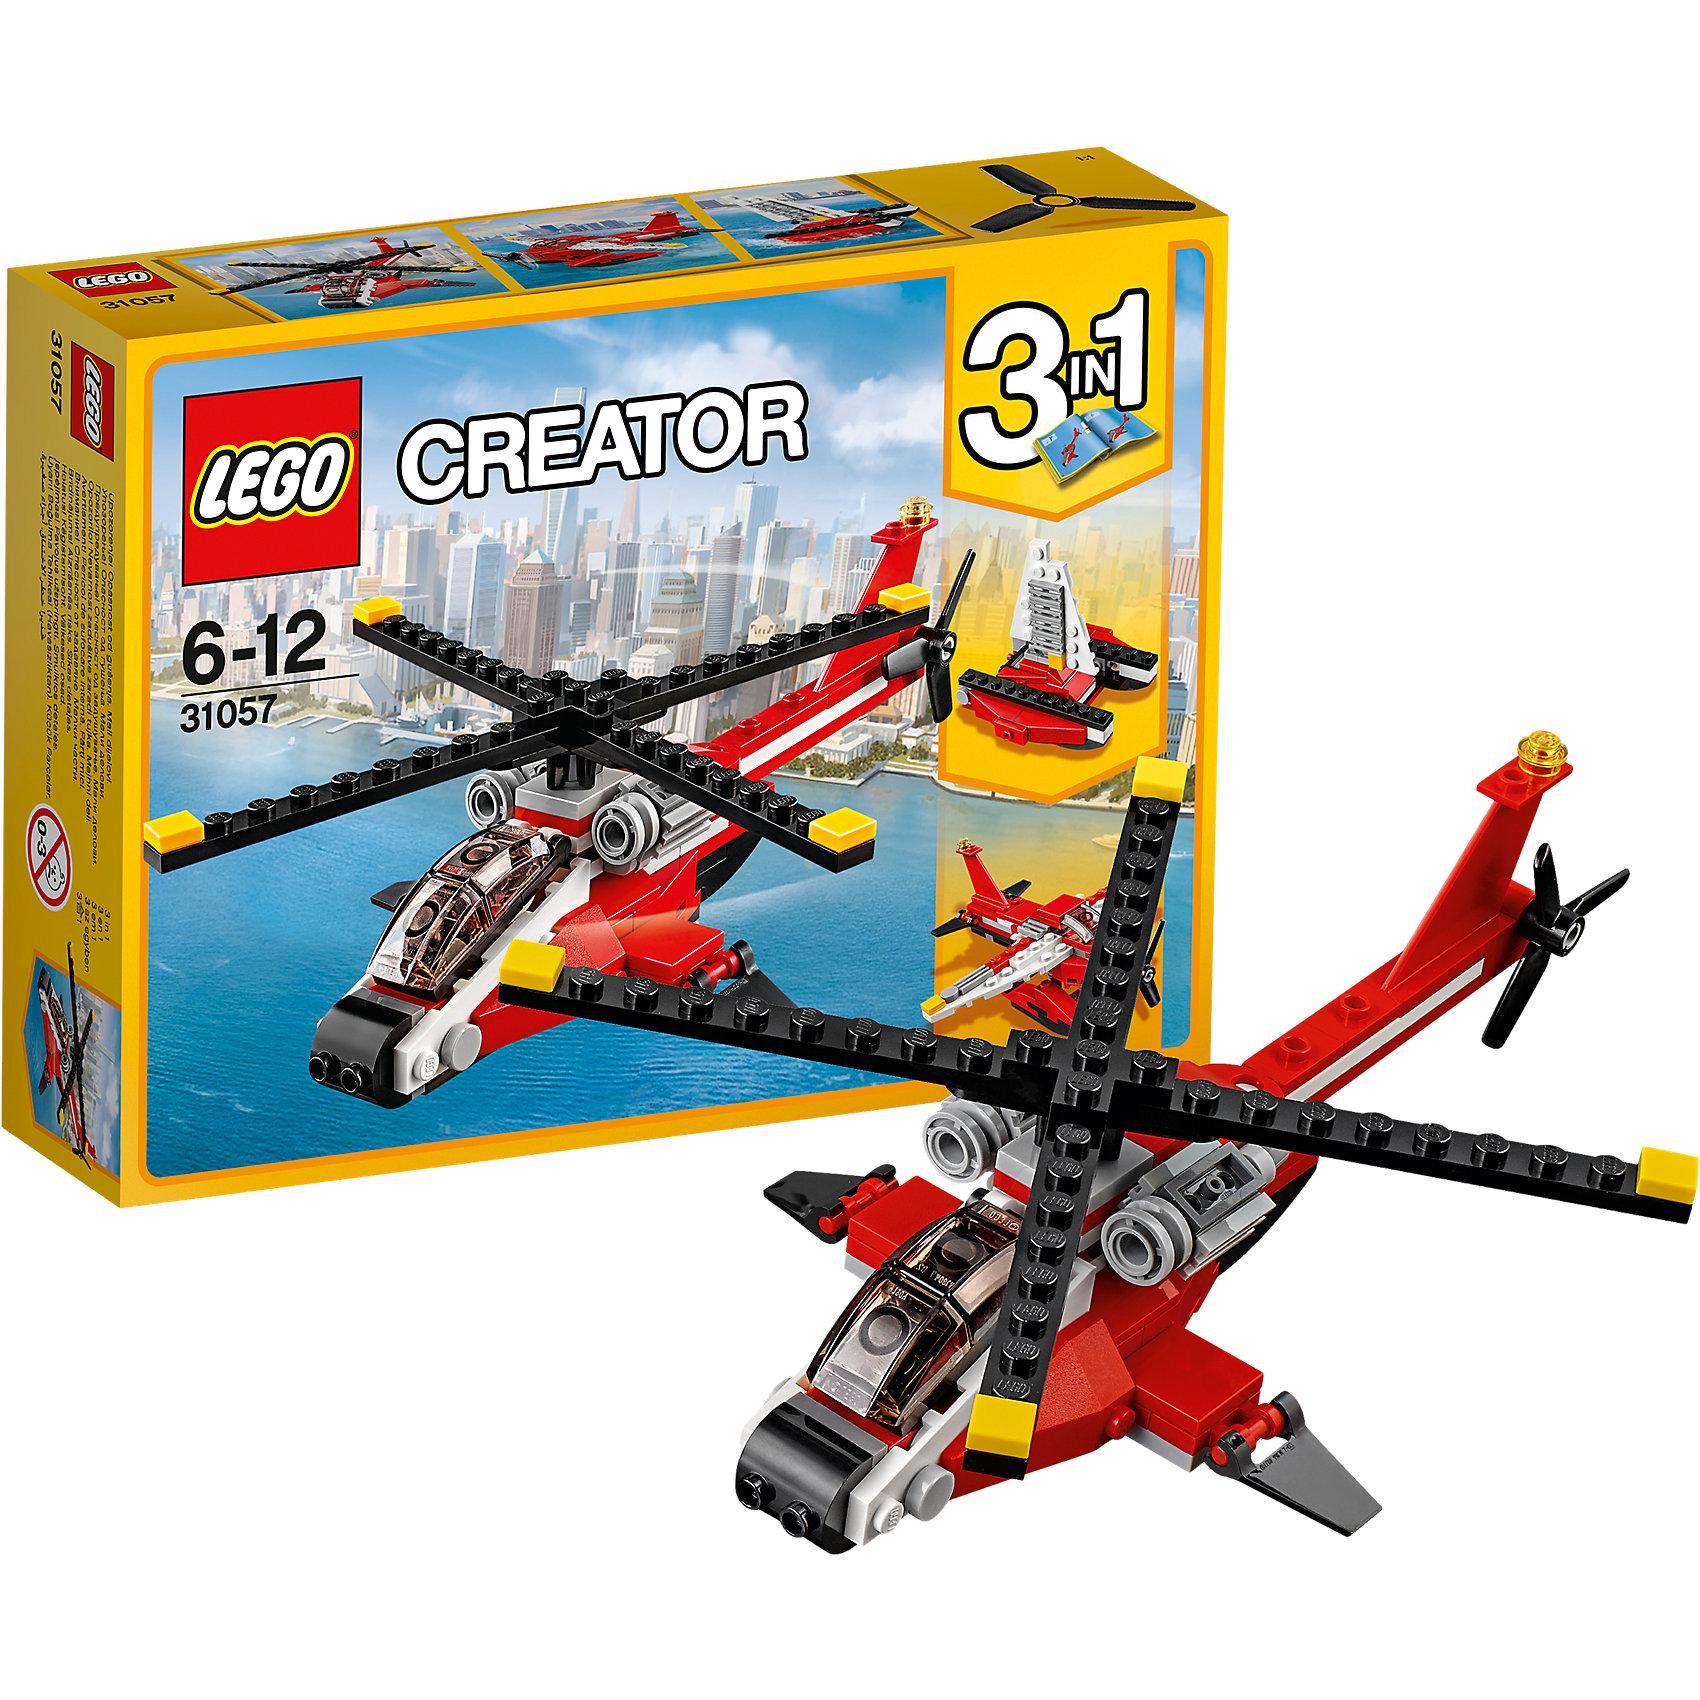 LEGO Creator 31057: Красный вертолётПластмассовые конструкторы<br>LEGO Creator 31057: Красный вертолёт<br><br>Характеристики:<br><br>- в набор входит: детали для вертолета, красочная инструкция<br>- состав: пластик<br>- количество деталей: 102<br>- размер вертолета: 21 * 5 * 16 см.<br>- размер самолета: 14 * 14 * 6 см.<br>- размер парусника: 8 * 7 * 8 см.<br>- для детей в возрасте: от 6 до 12 лет<br>- Страна производитель: Дания/Китай/Чехия<br><br>Легендарный конструктор LEGO (ЛЕГО) представляет серию «Creator» (Криэйтор), которая позволяет детям экспериментировать с домами, машинами, самолетами и существами. Каждый набор этой серии подразумевает перестройку тремя разными способами убирая ограничения веселья! Набор Красный вертолёт понравится юным любителям самолетов и лодок. Реалистичный красный вертолет с двумя убирающимися подножками для приземления может быть перестроен в самолет, который может приземляться на воду, а также в парусник. Красно-белый цвет вертолета может олицетворять пожарных или медиков, создавая простор для творчества. Если у ребенка уже есть другие наборы ЛЕГО, то можно с их помощью достроить свои детали. Играя с конструктором ребенок развивает моторику рук, воображение и логическое мышление, научится собирать по инструкции и создавать свои модели. Придумывайте новые игры с набором LEGO «Creator»!<br><br>Конструктор LEGO Creator 31057: Красный вертолёт можно купить в нашем интернет-магазине.<br><br>Ширина мм: 193<br>Глубина мм: 140<br>Высота мм: 50<br>Вес г: 175<br>Возраст от месяцев: 72<br>Возраст до месяцев: 144<br>Пол: Мужской<br>Возраст: Детский<br>SKU: 5002495